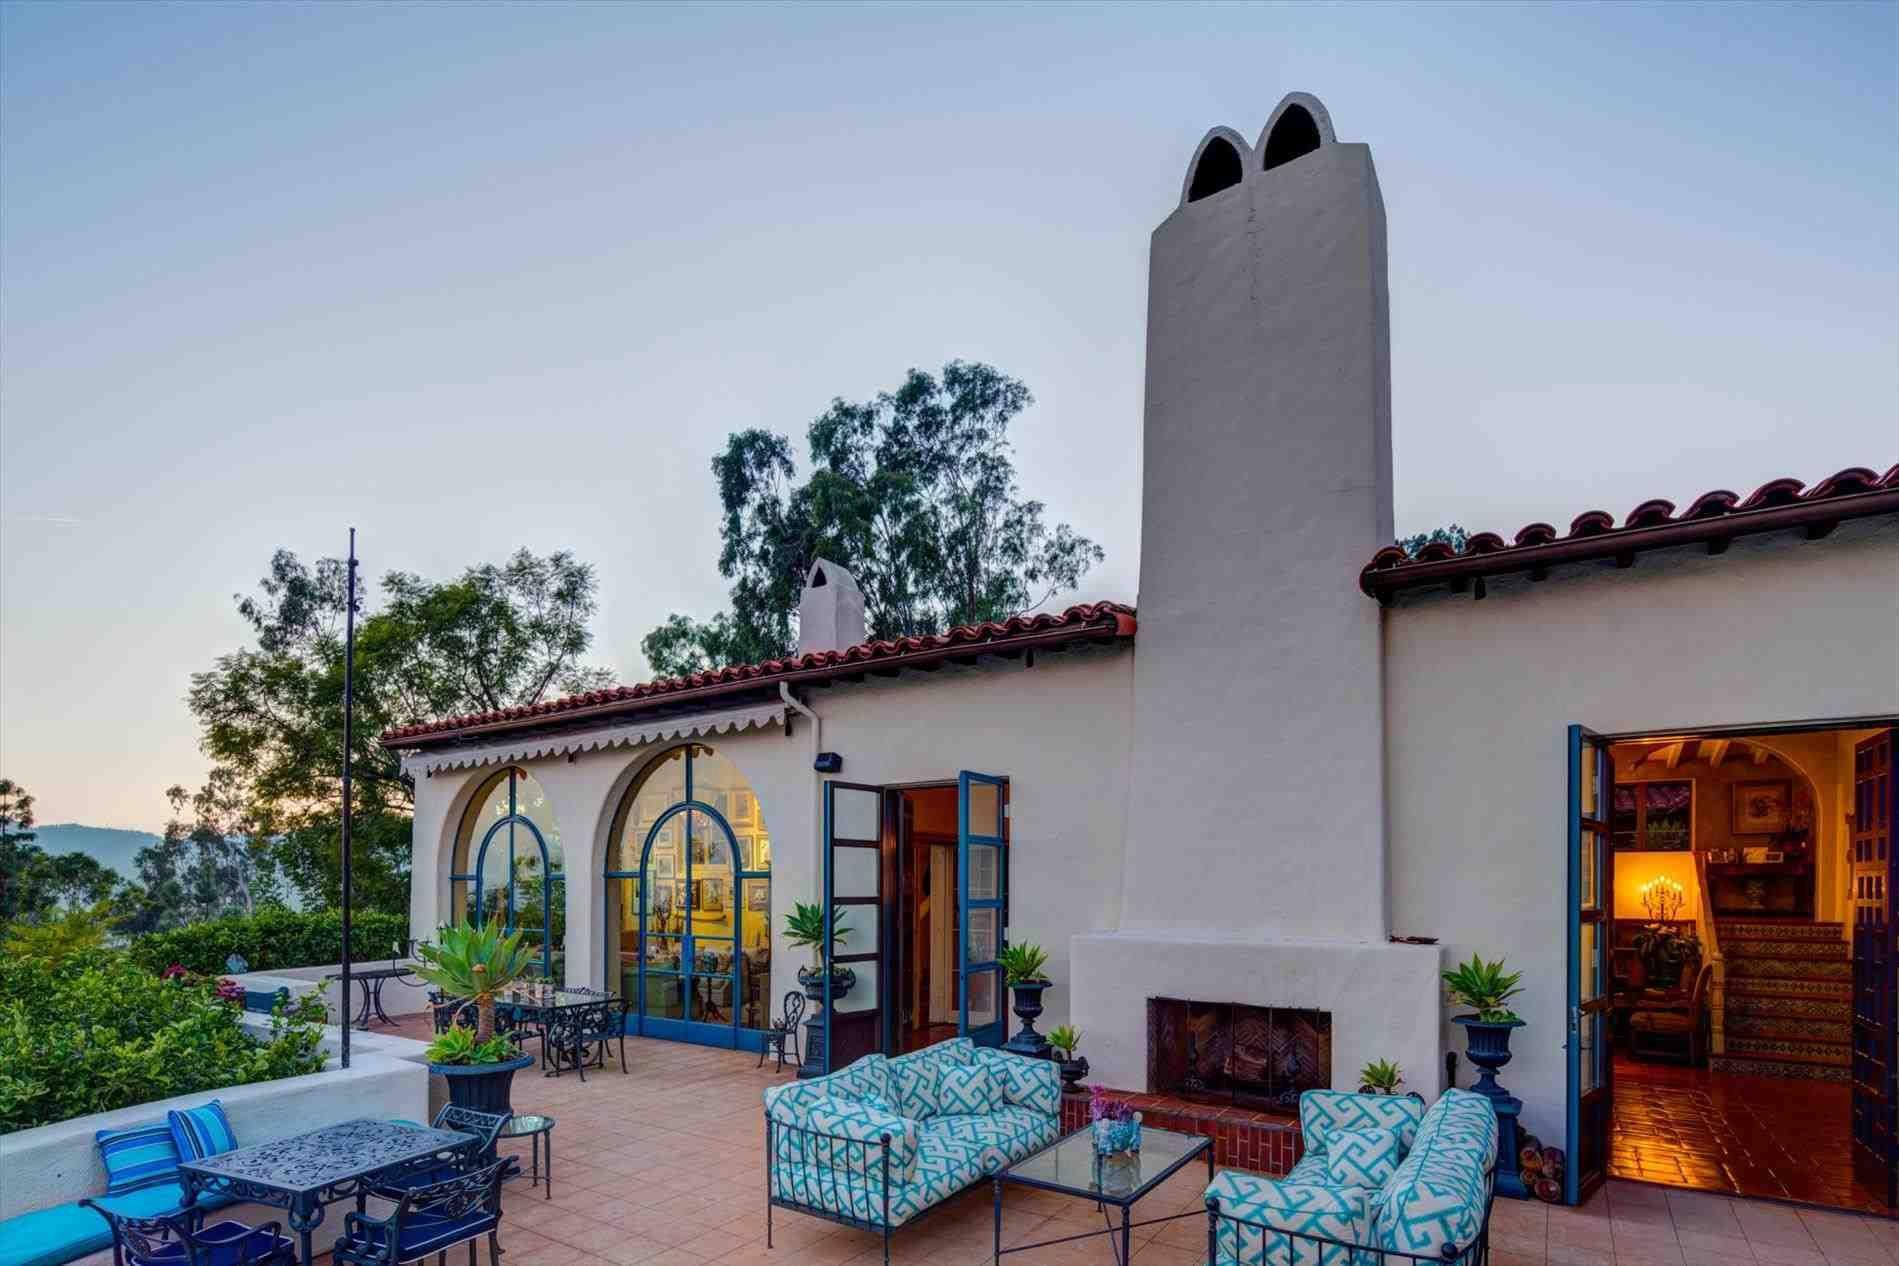 hacienda style architecture homes design ideas then architecture